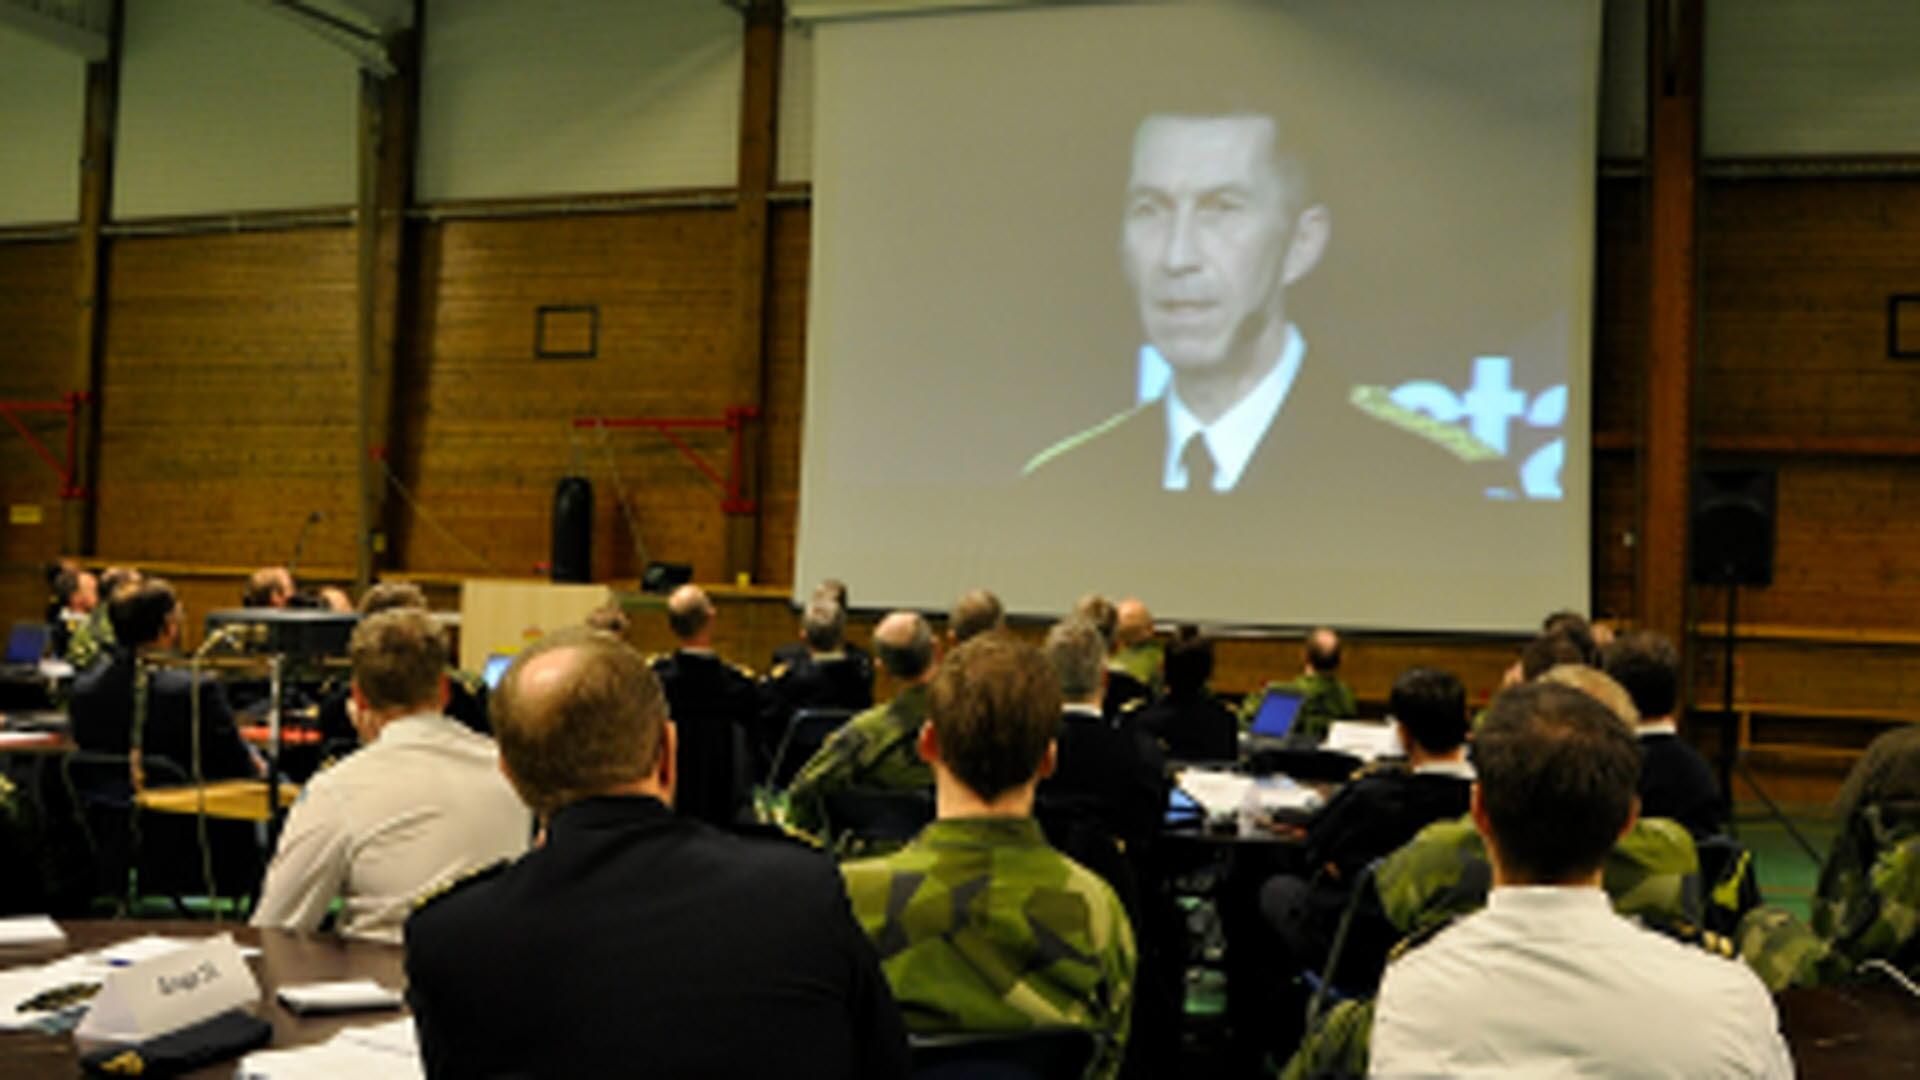 Överbefälhavaren Micael Bydén delade sitt budskap via film till LSS chefer  Foto  Mats Gyllander Försvarsmakten dc939bf58cb23